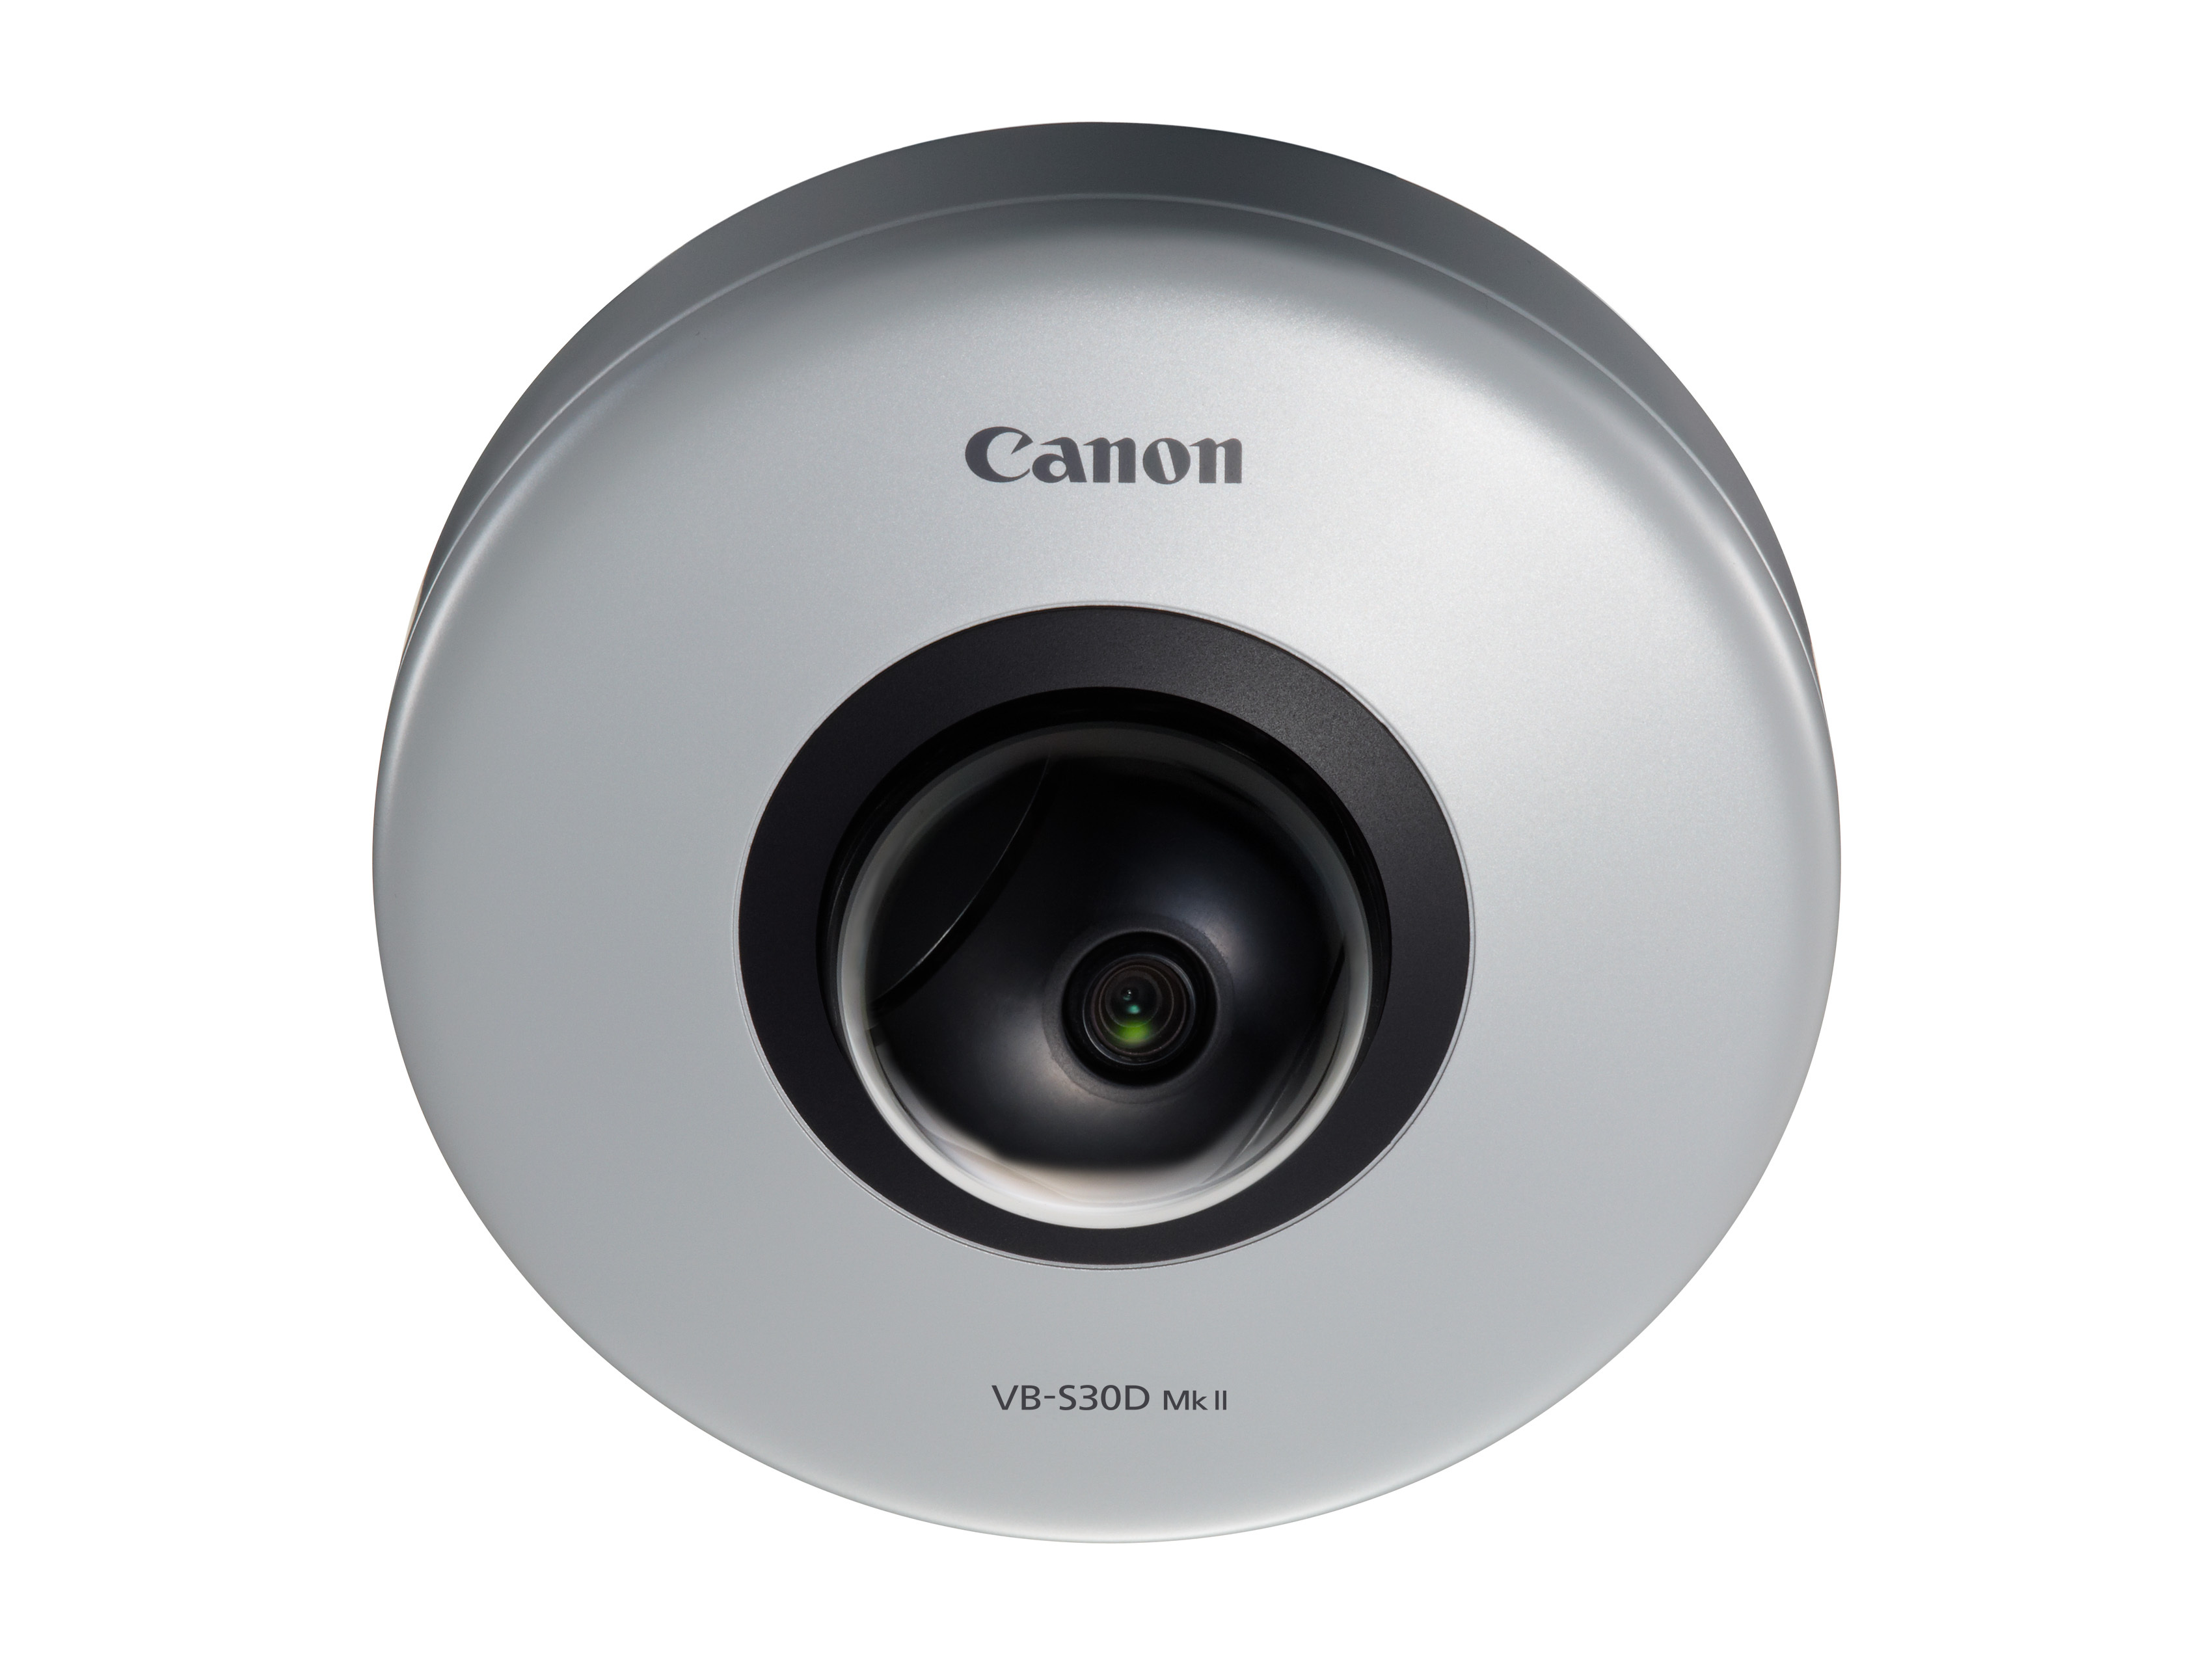 Canon VB-S30D MK II